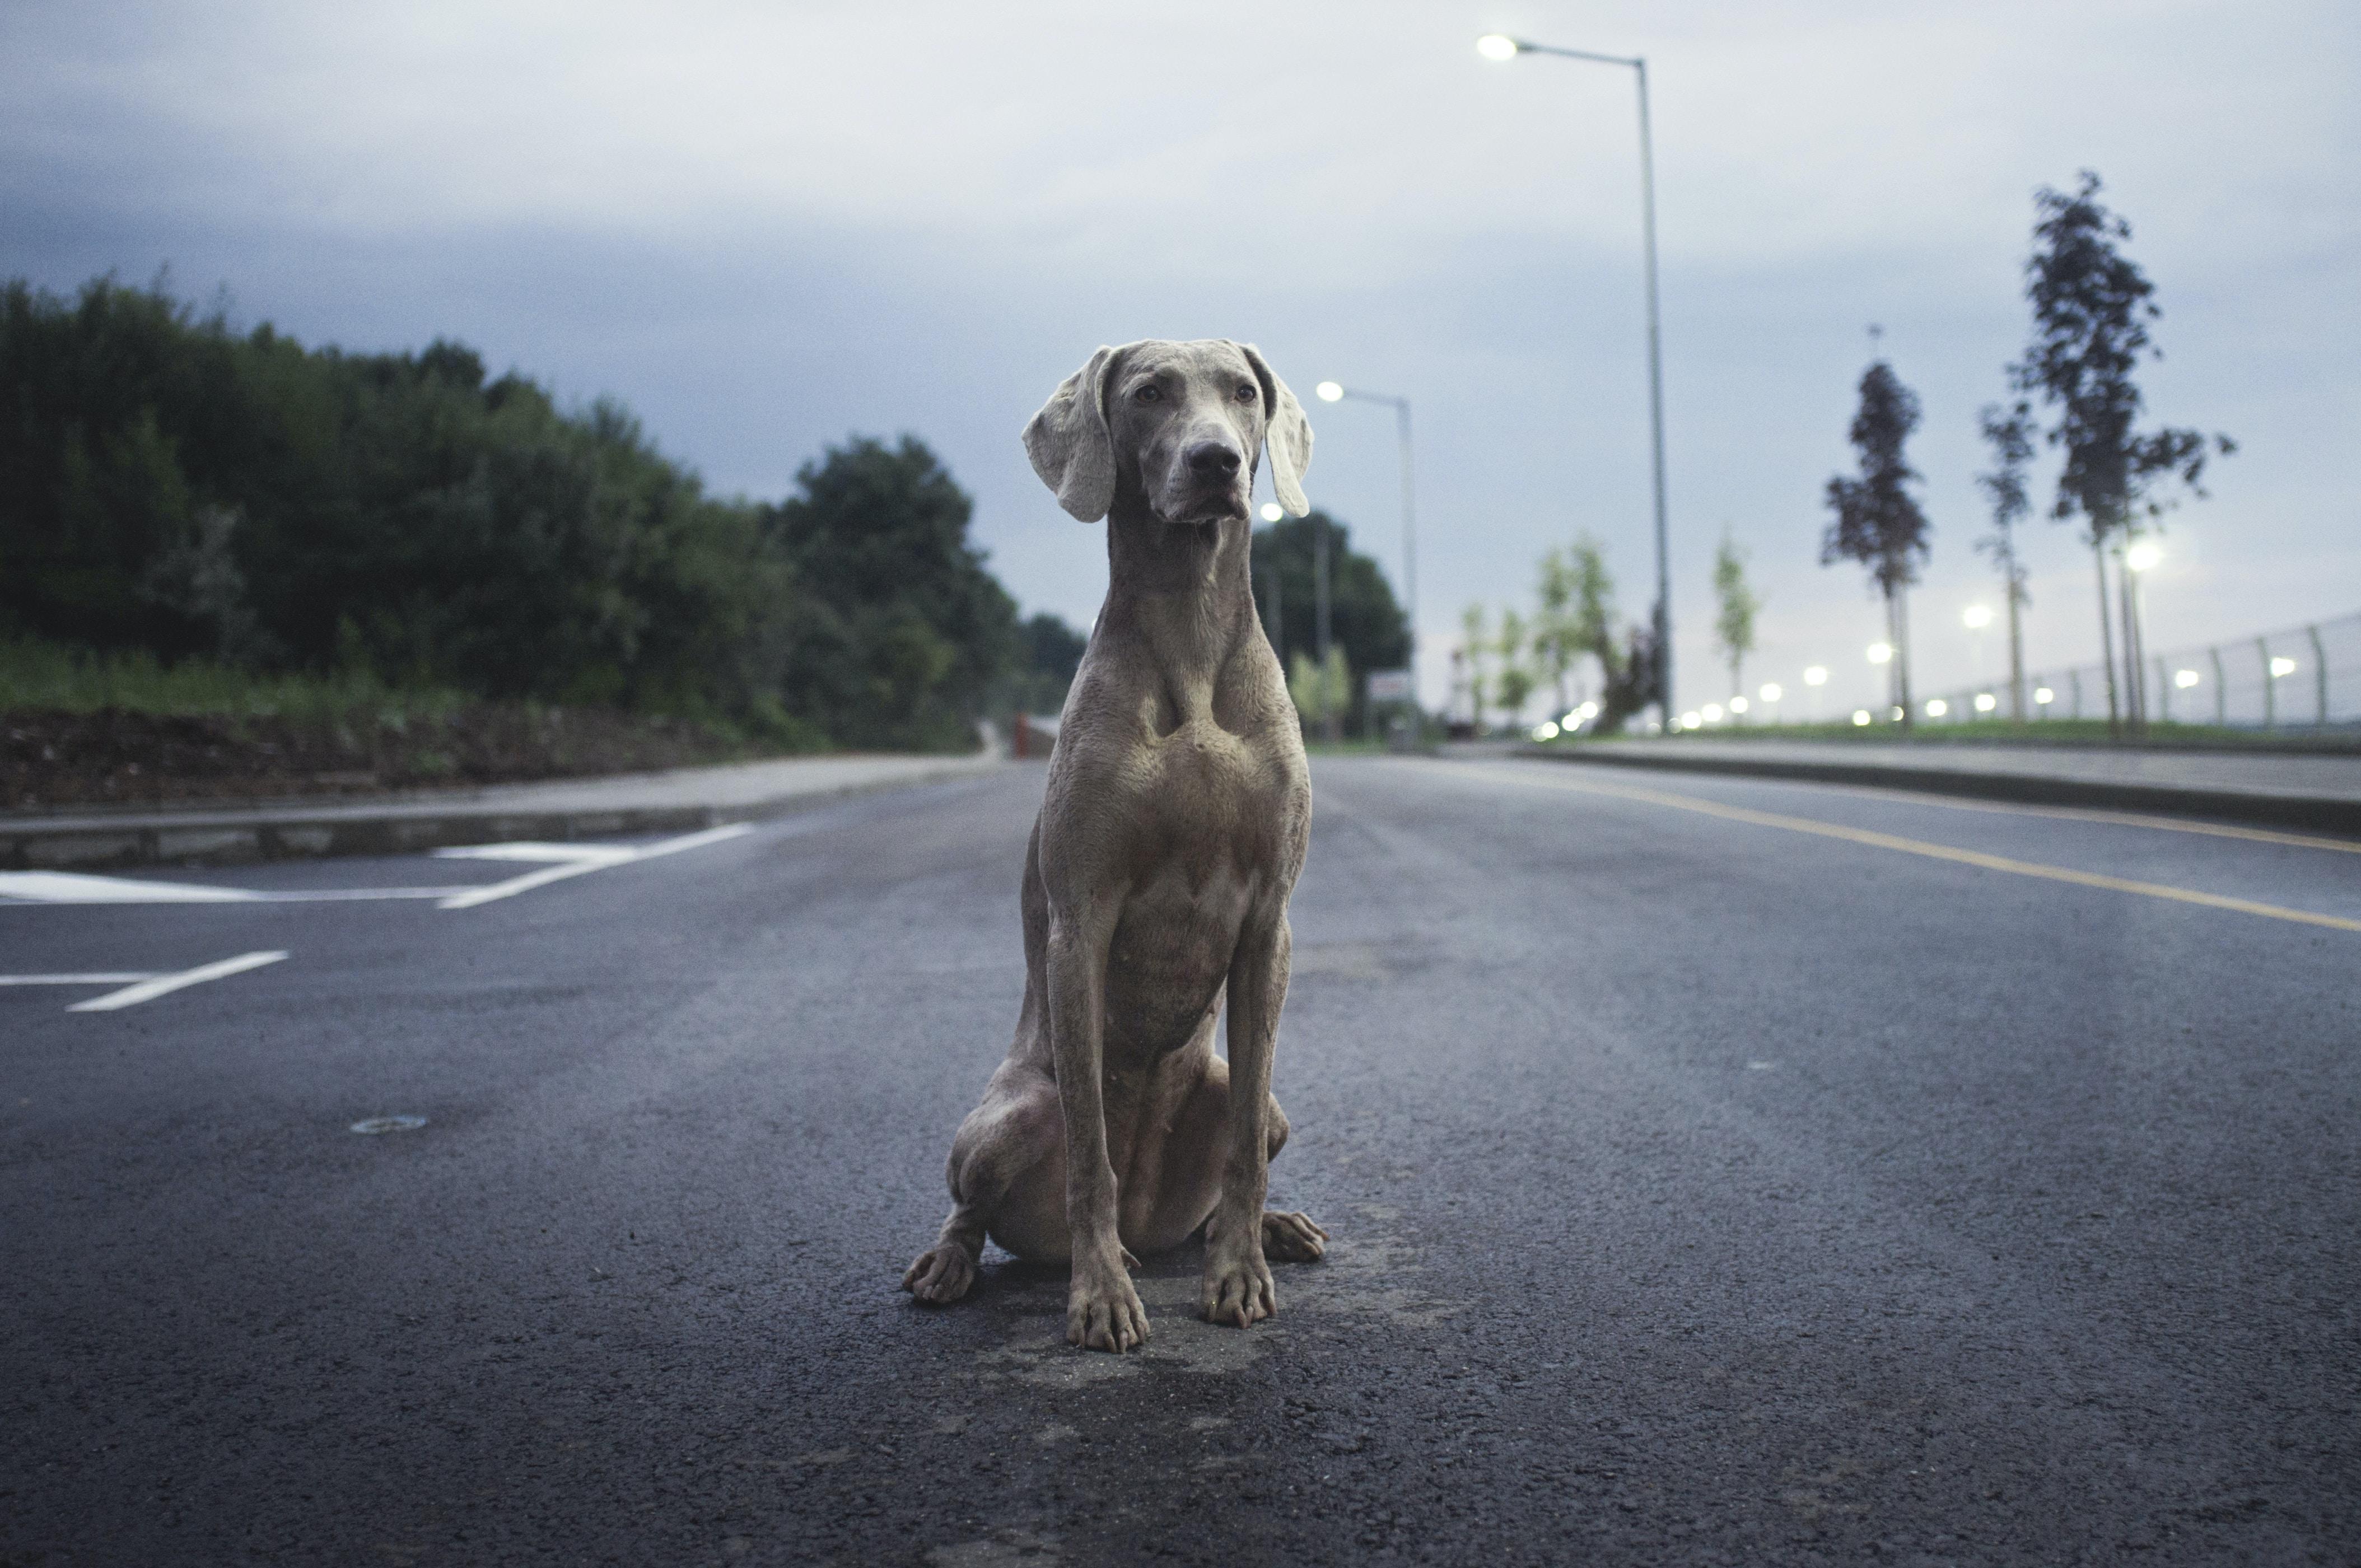 A watchful Weimaraner sitting on asphalt in the evening